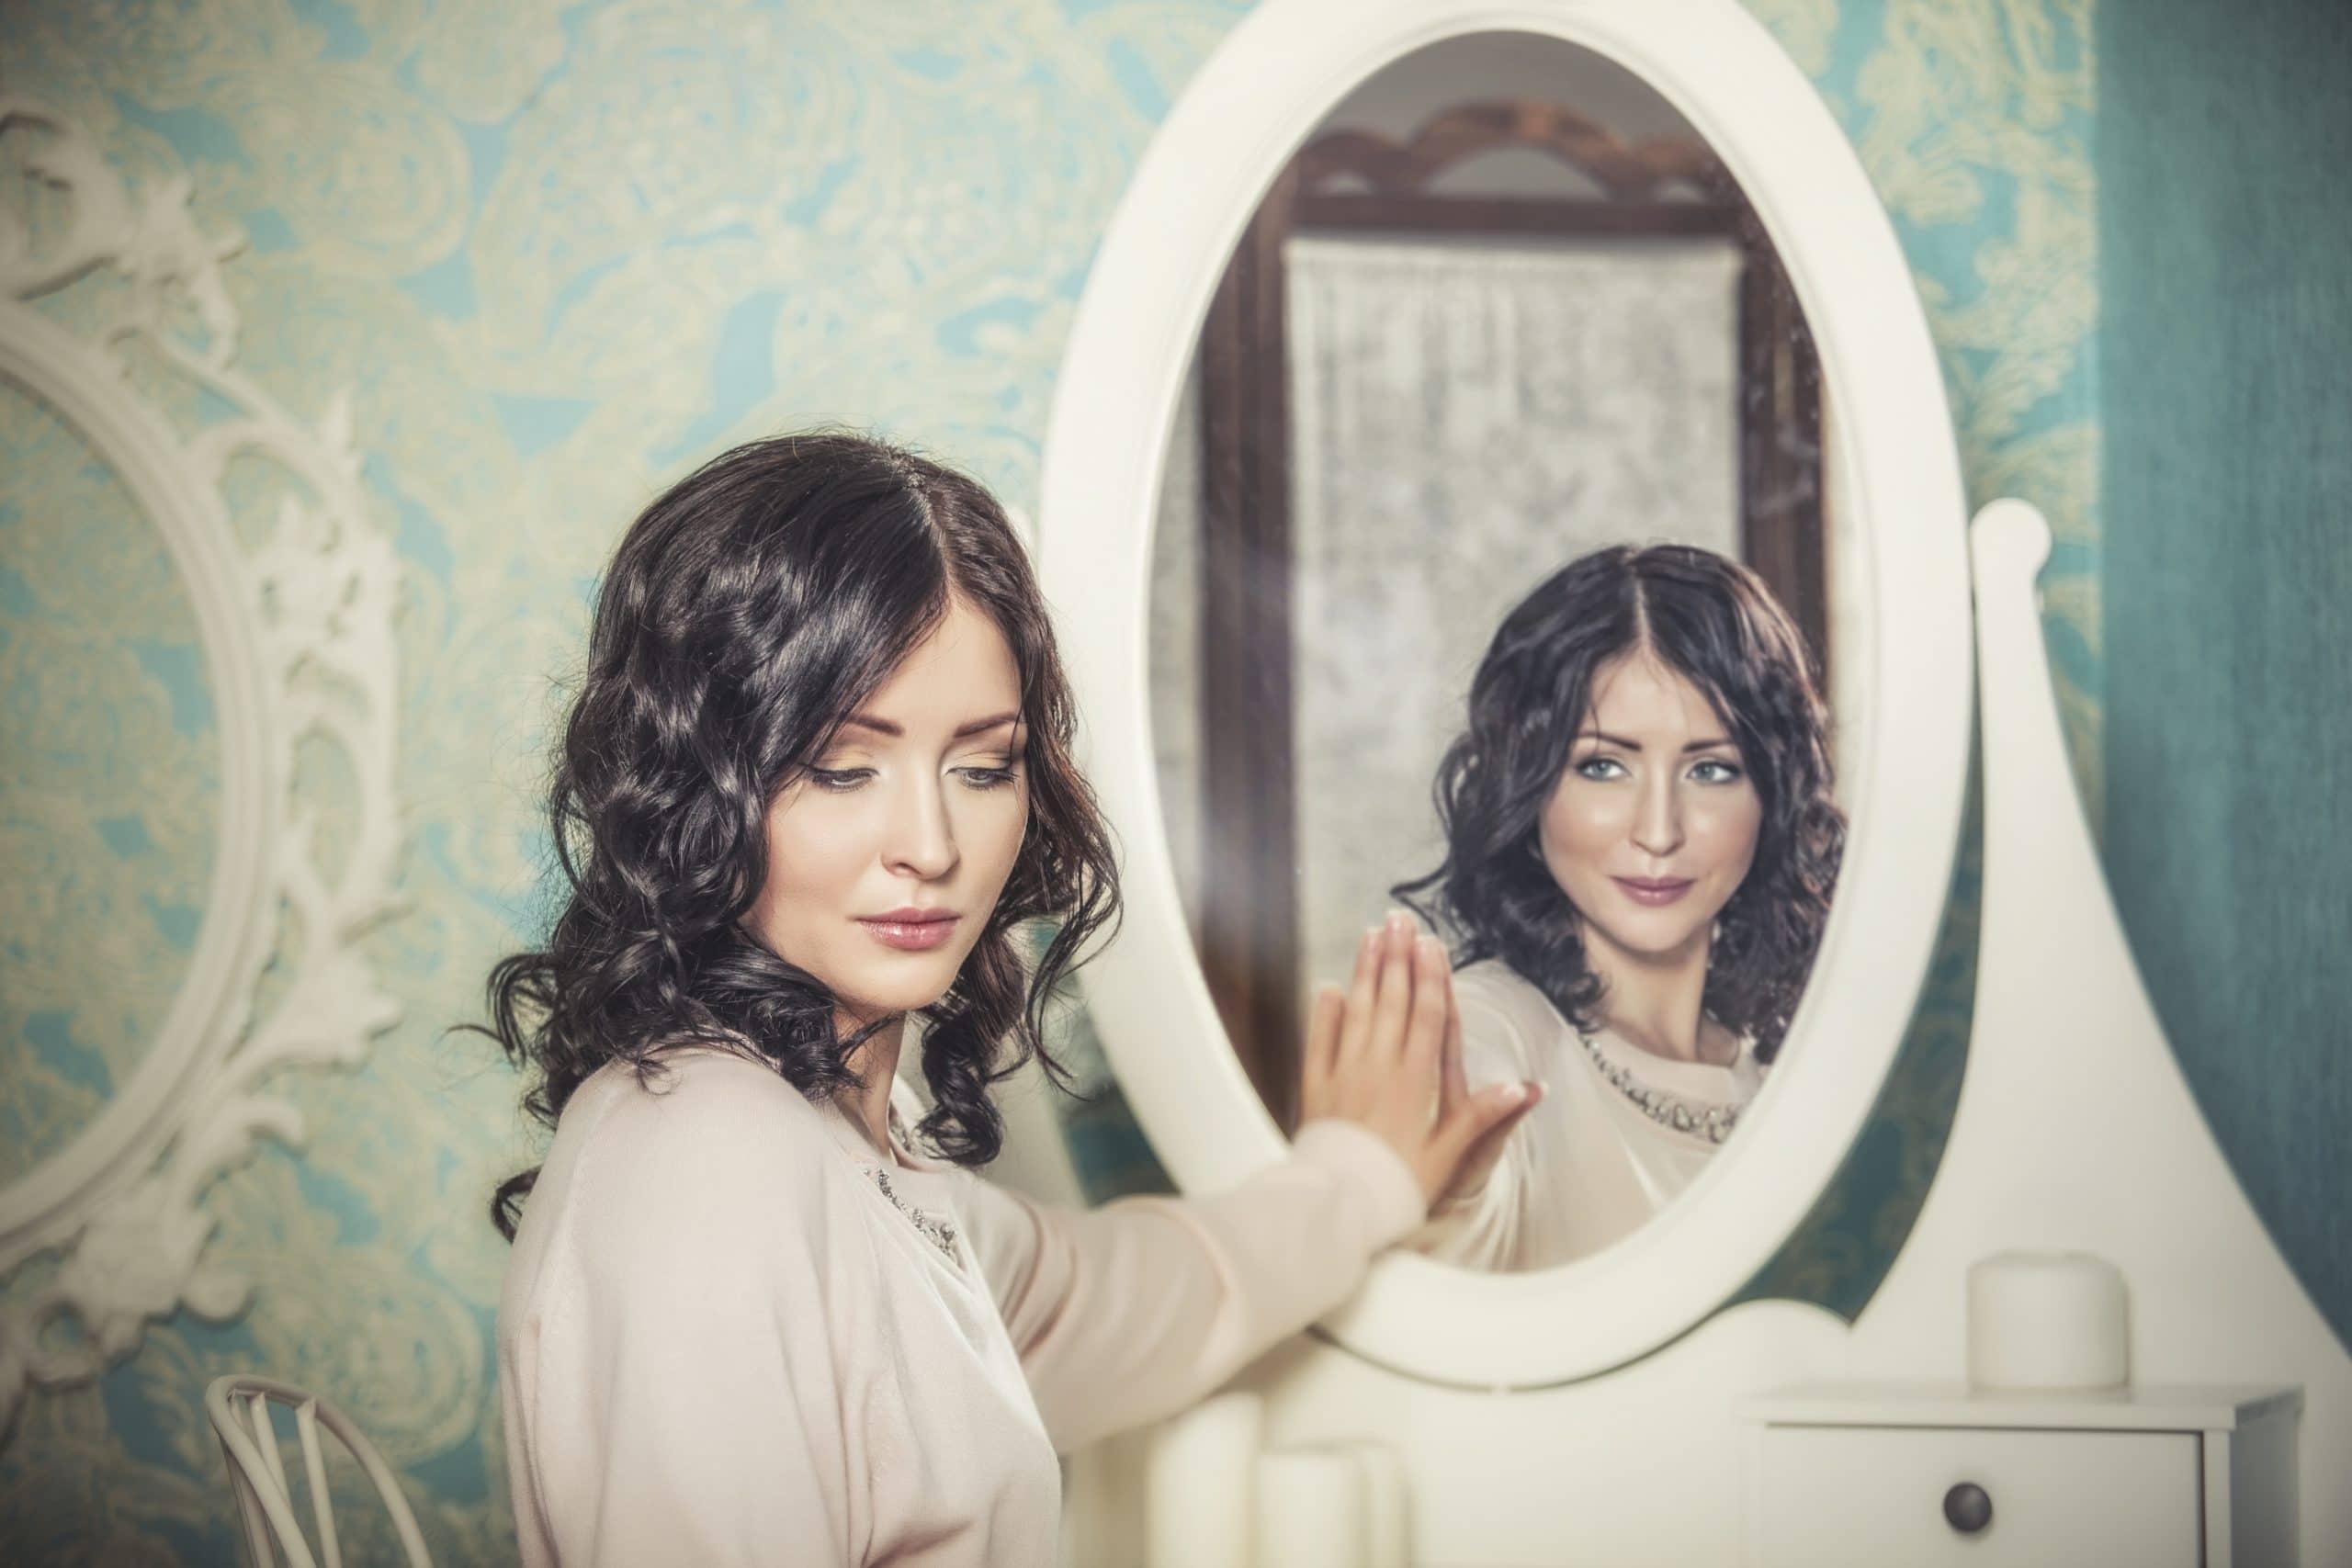 Mulher em frente ao espelho. Ela olha para trás enquanto o reflexo a observa.